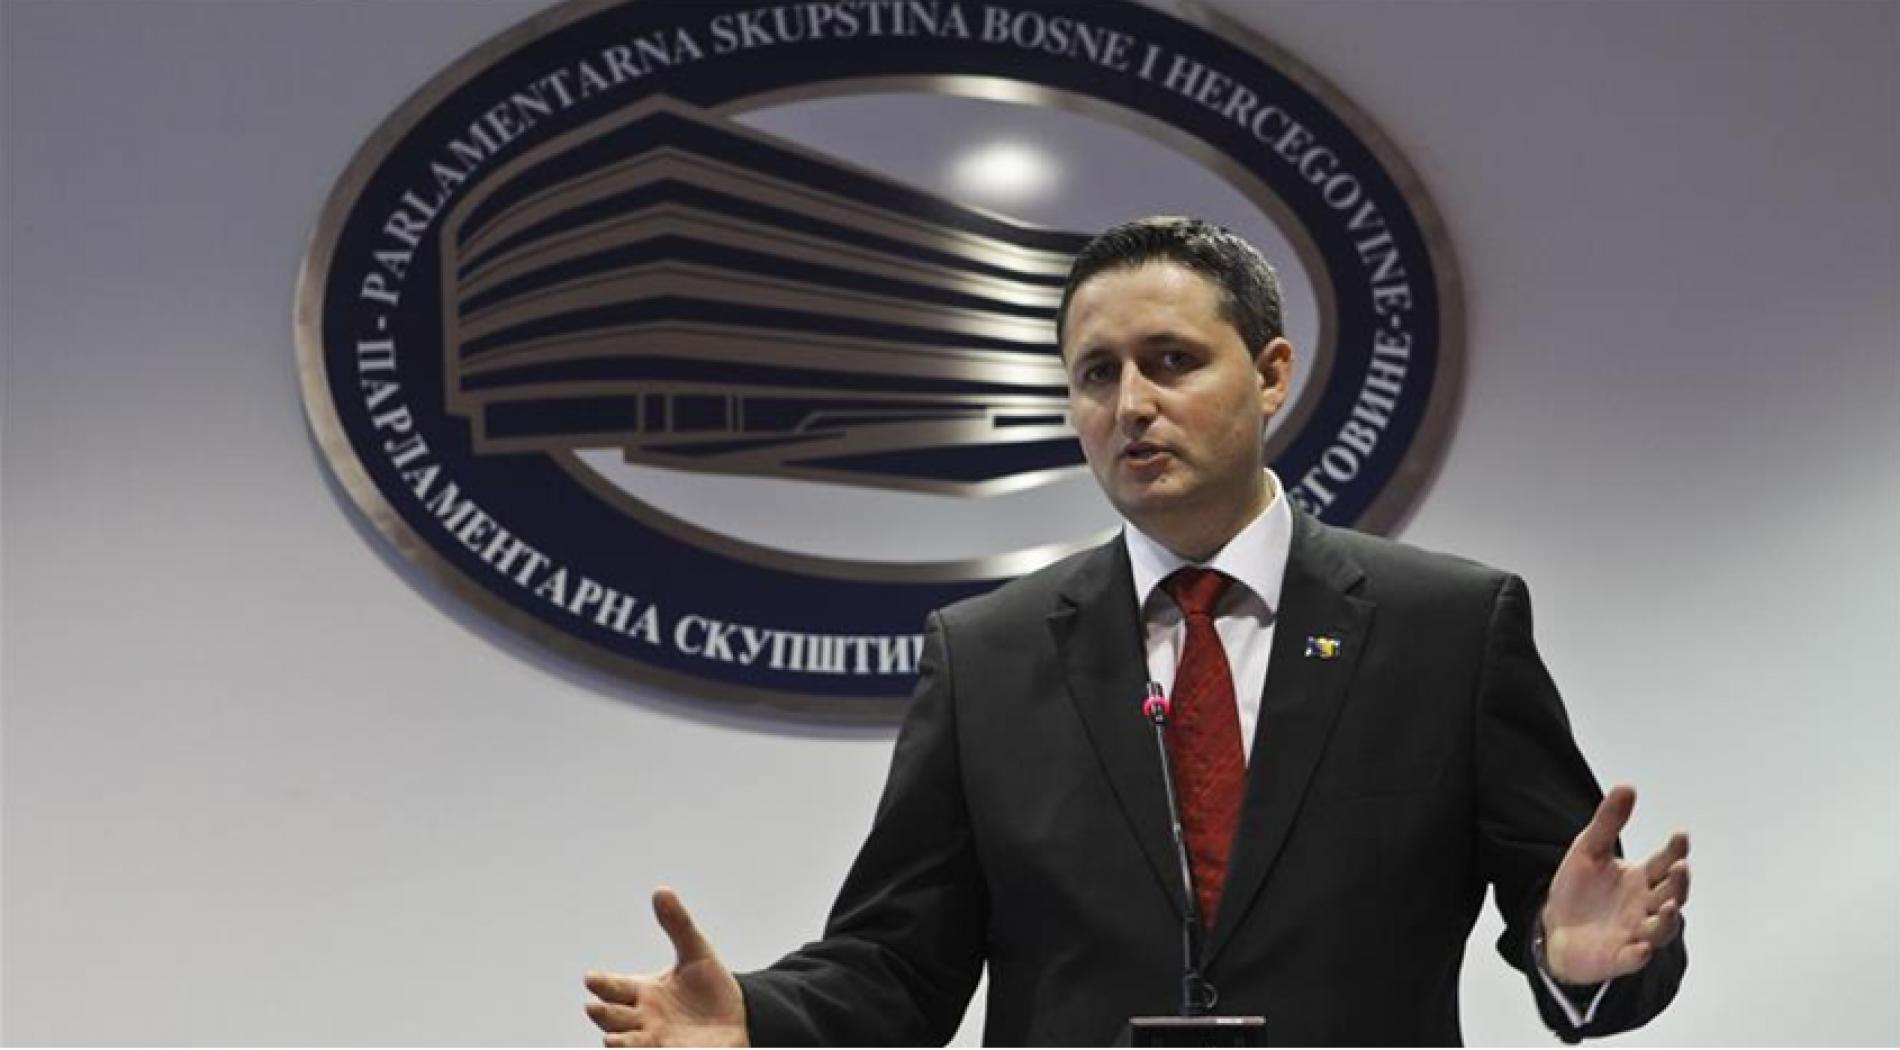 Bećirović: O ulasku u NATO odlučuje država, a ne manji entitet. Bosanska vanjska politika utvrđuje se u Sarajevu, a ne u Beogradu!